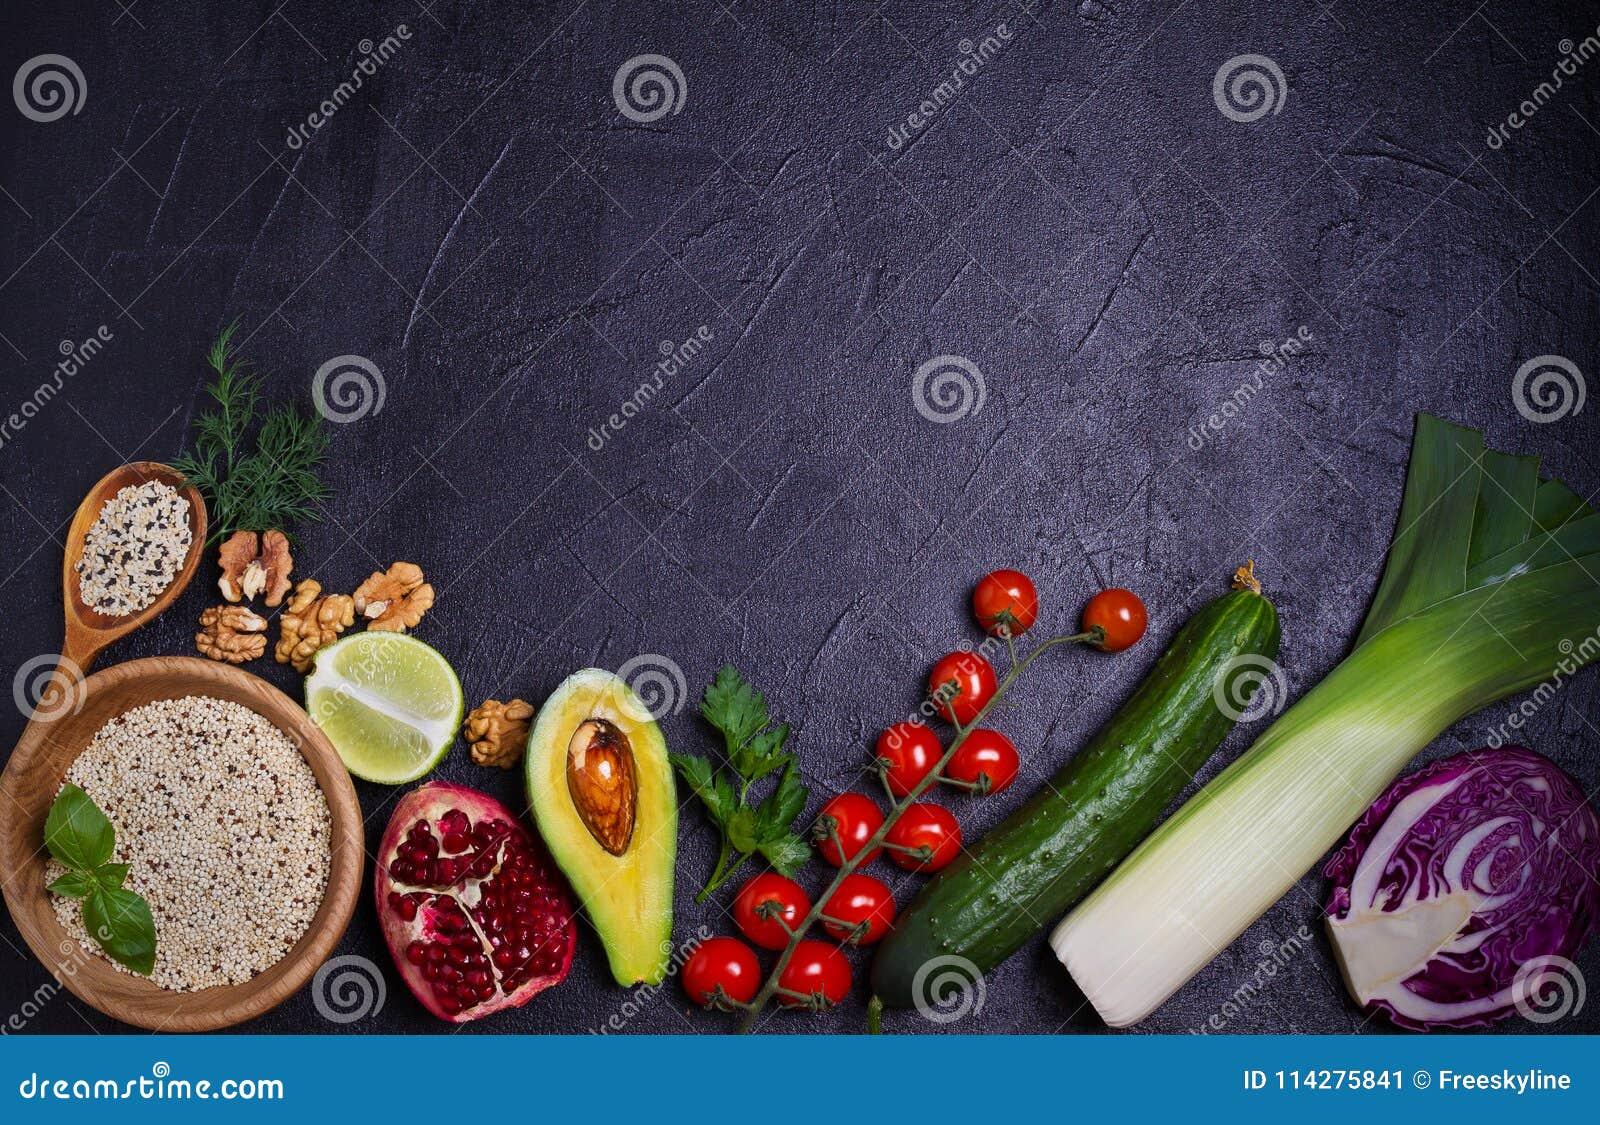 Selectie van gezond voedsel Voedselachtergrond: quinoa, granaatappel, kalk, groene erwten, bessen, avocado, noten en olijfolie